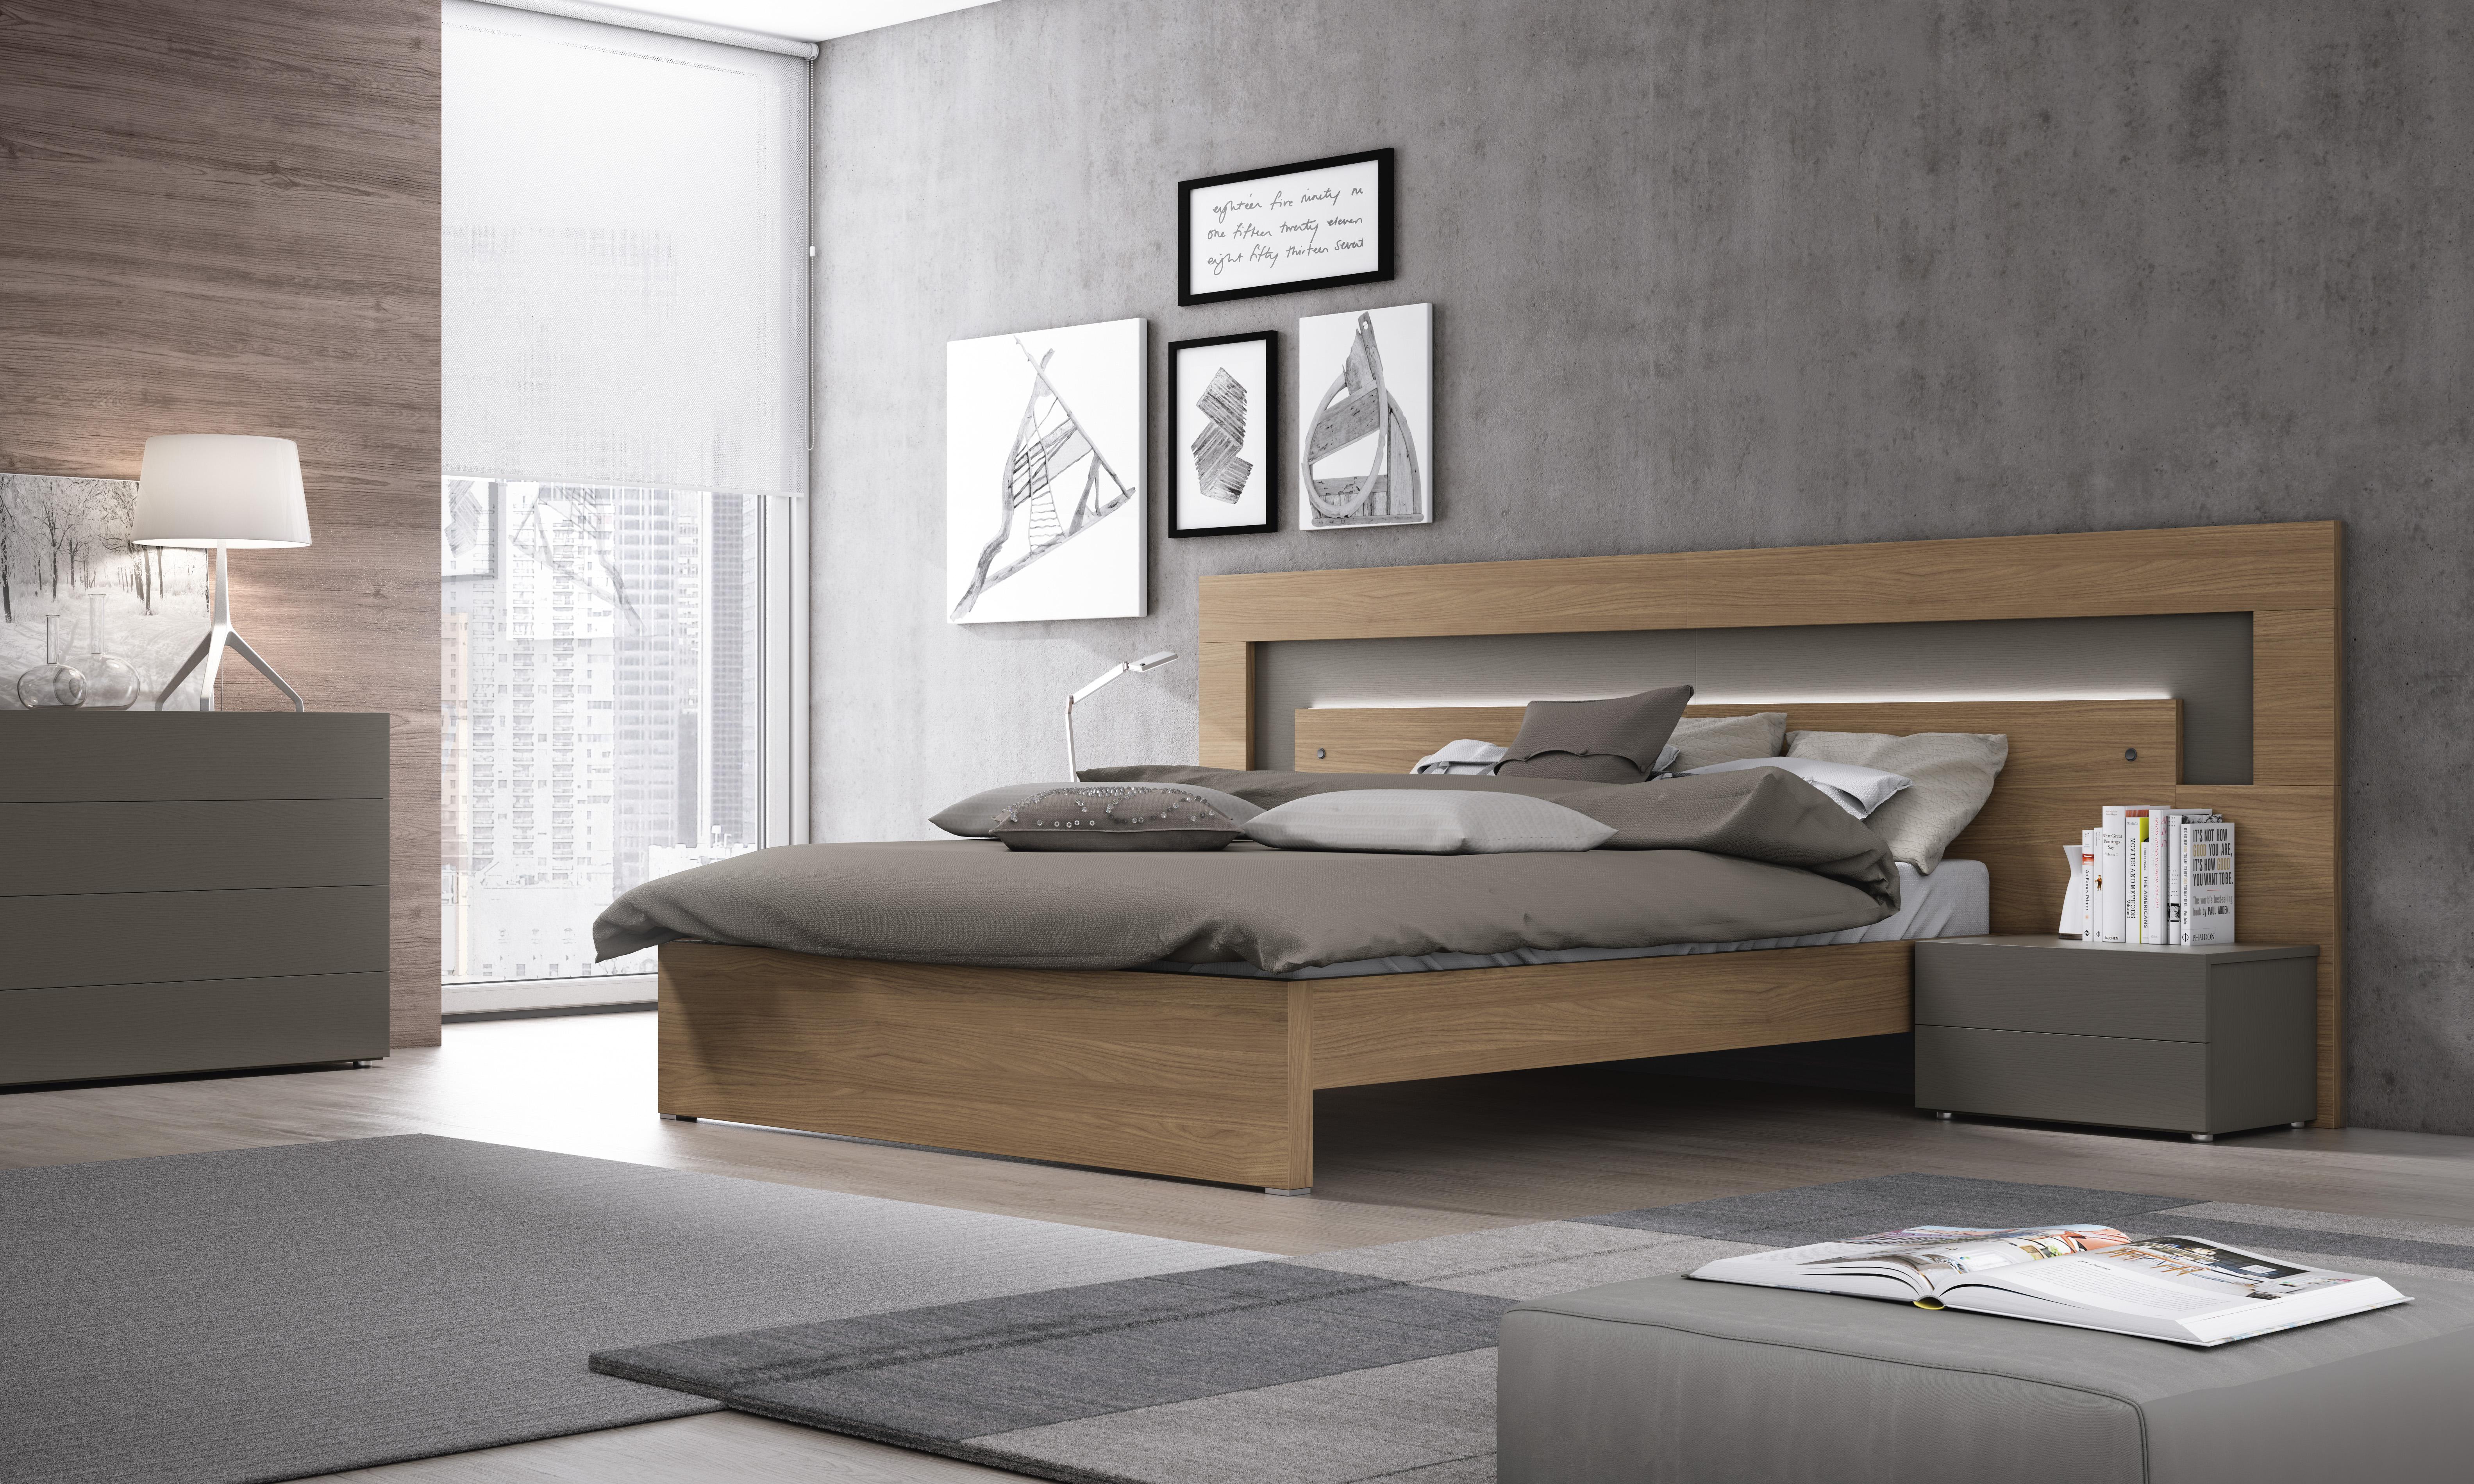 Dormitorios muebles luis serra muebles corbera for Muebles tifon sueca